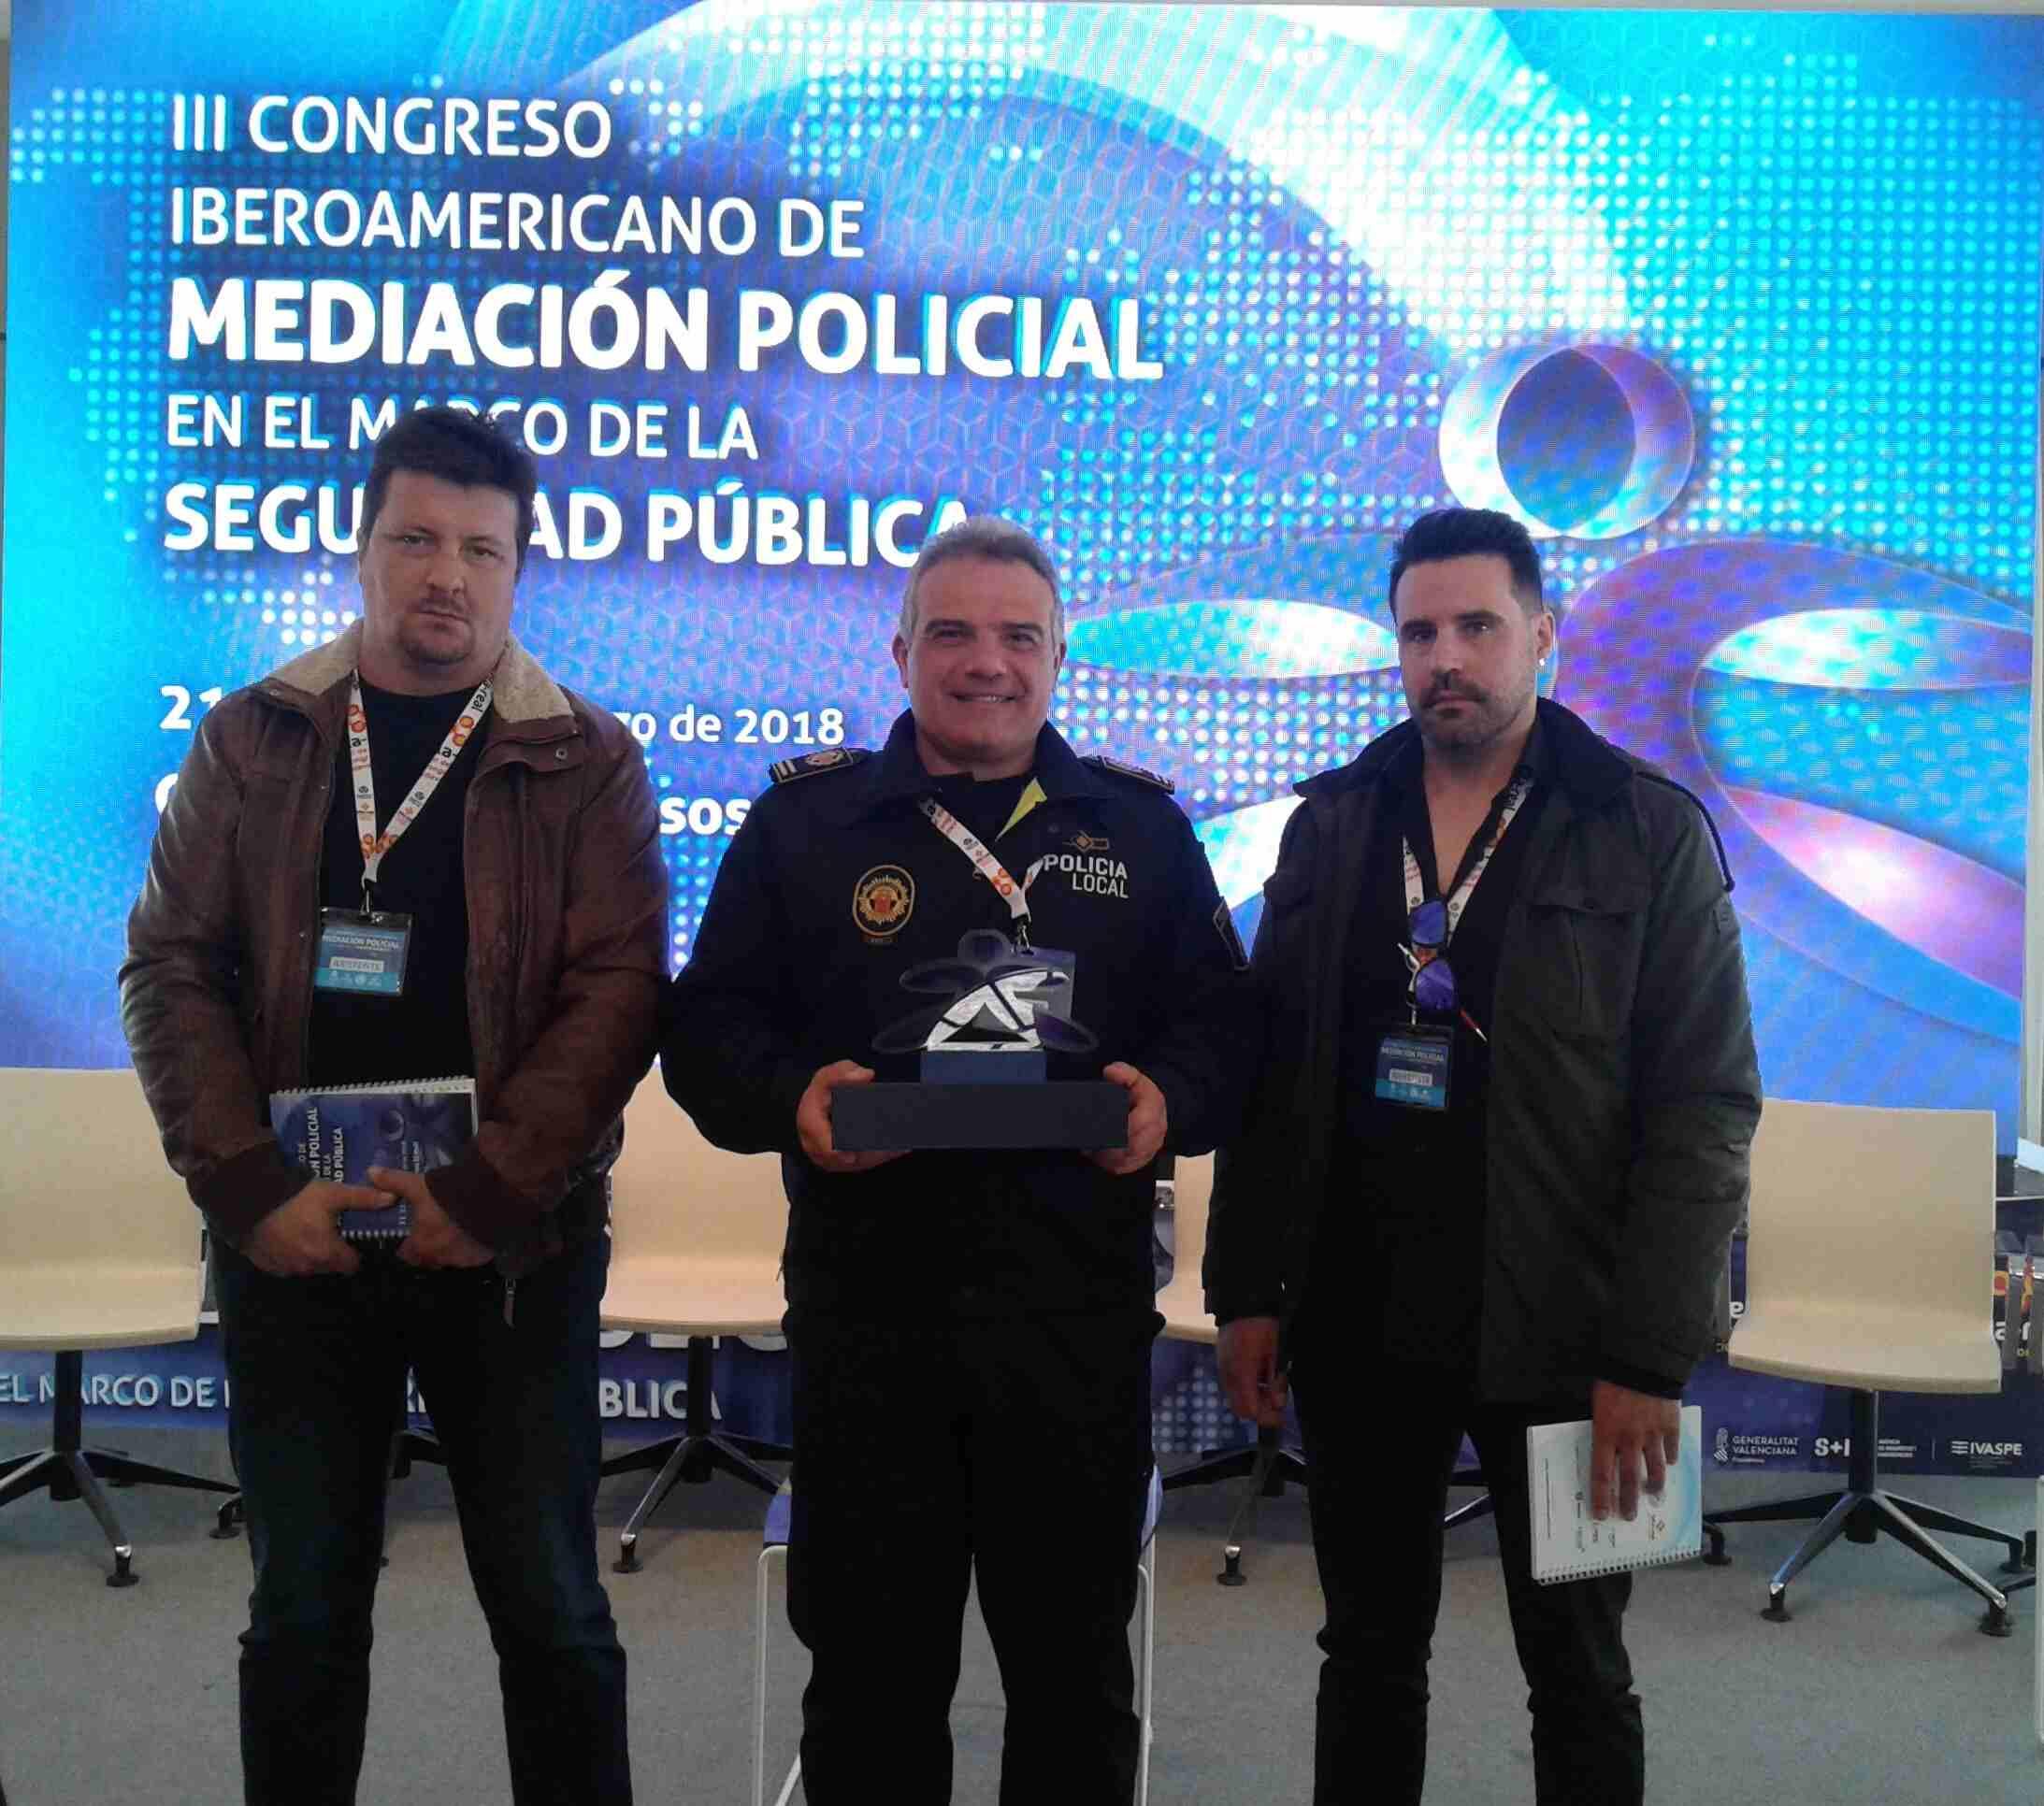 Agentes de la Policía Local de Segorbe reciben un recuerdo a la participación